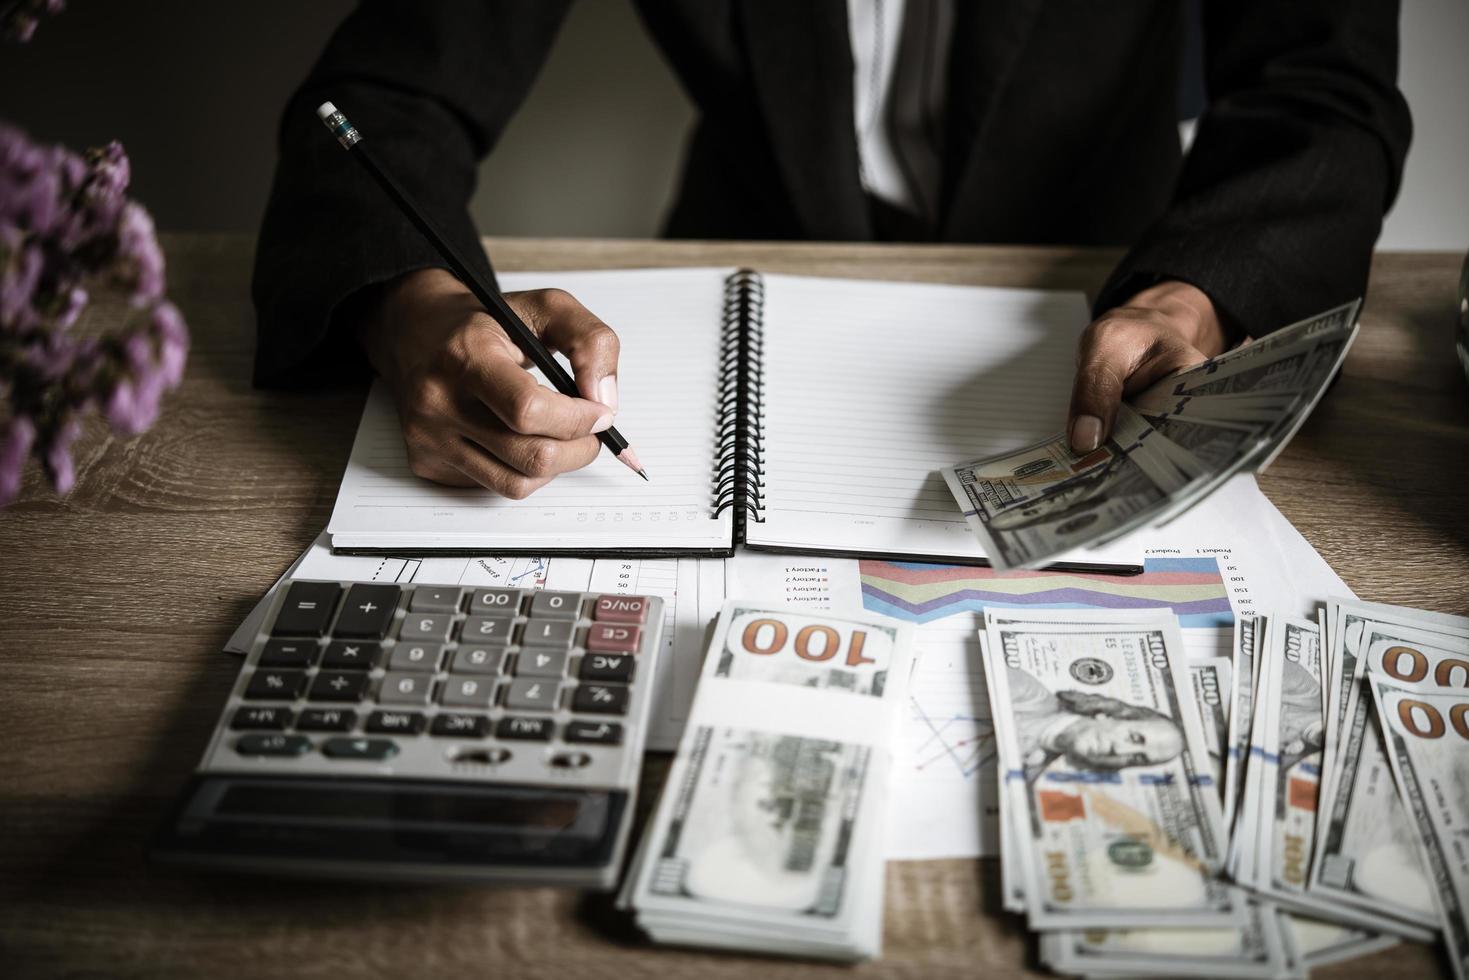 ondernemer berekent financiële groei en investeringen foto